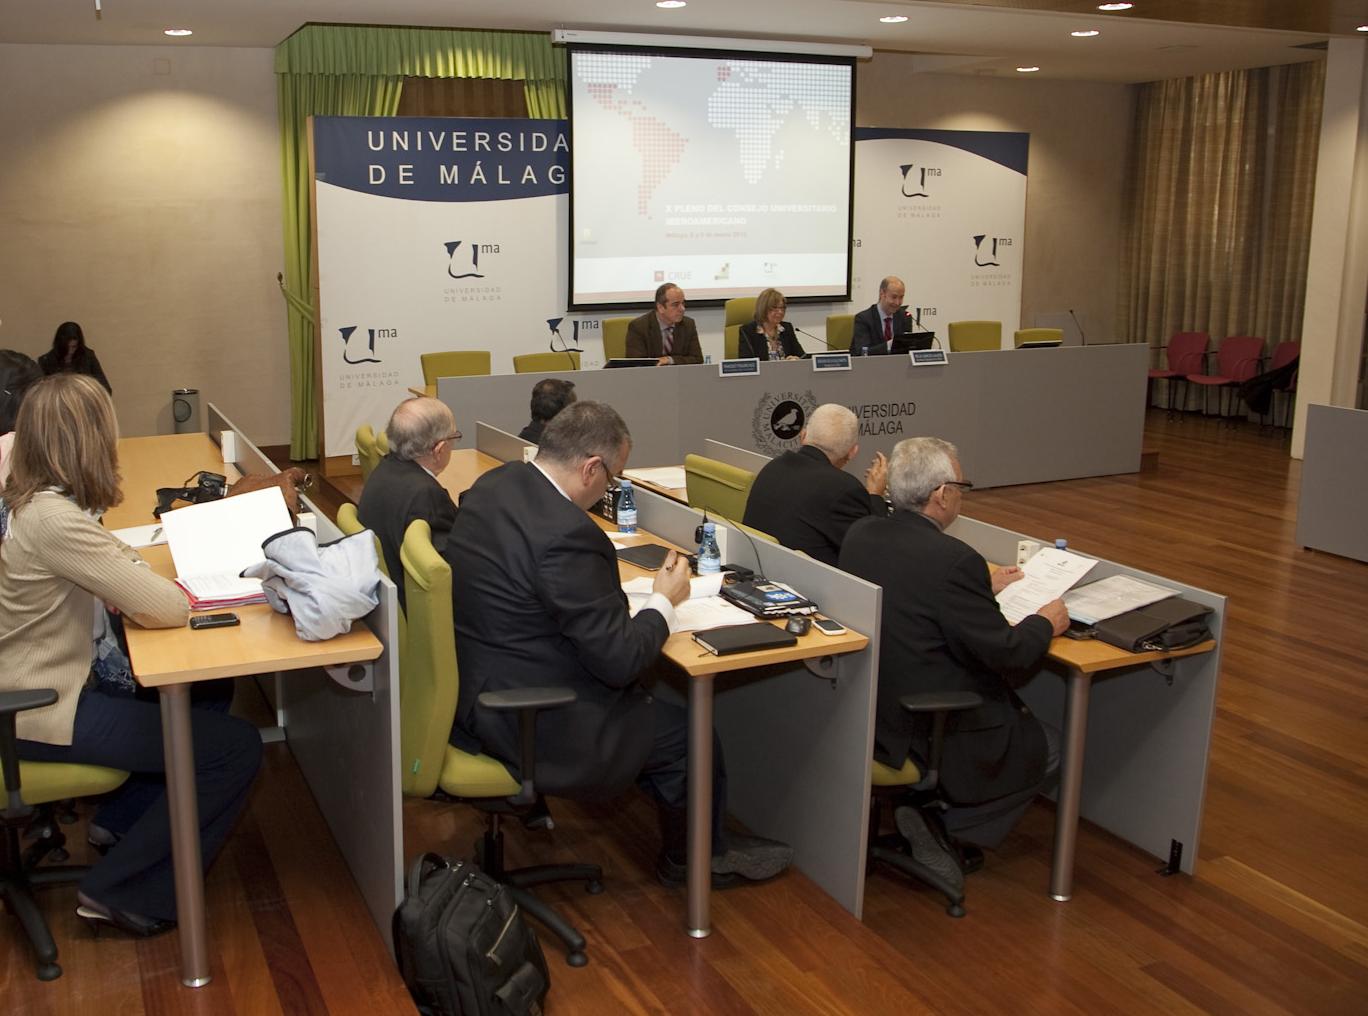 El rector defiende la creación del Espacio Iberoamericano de Educación Superior en el X Pleno del Consejo Universitario Iberoamericano